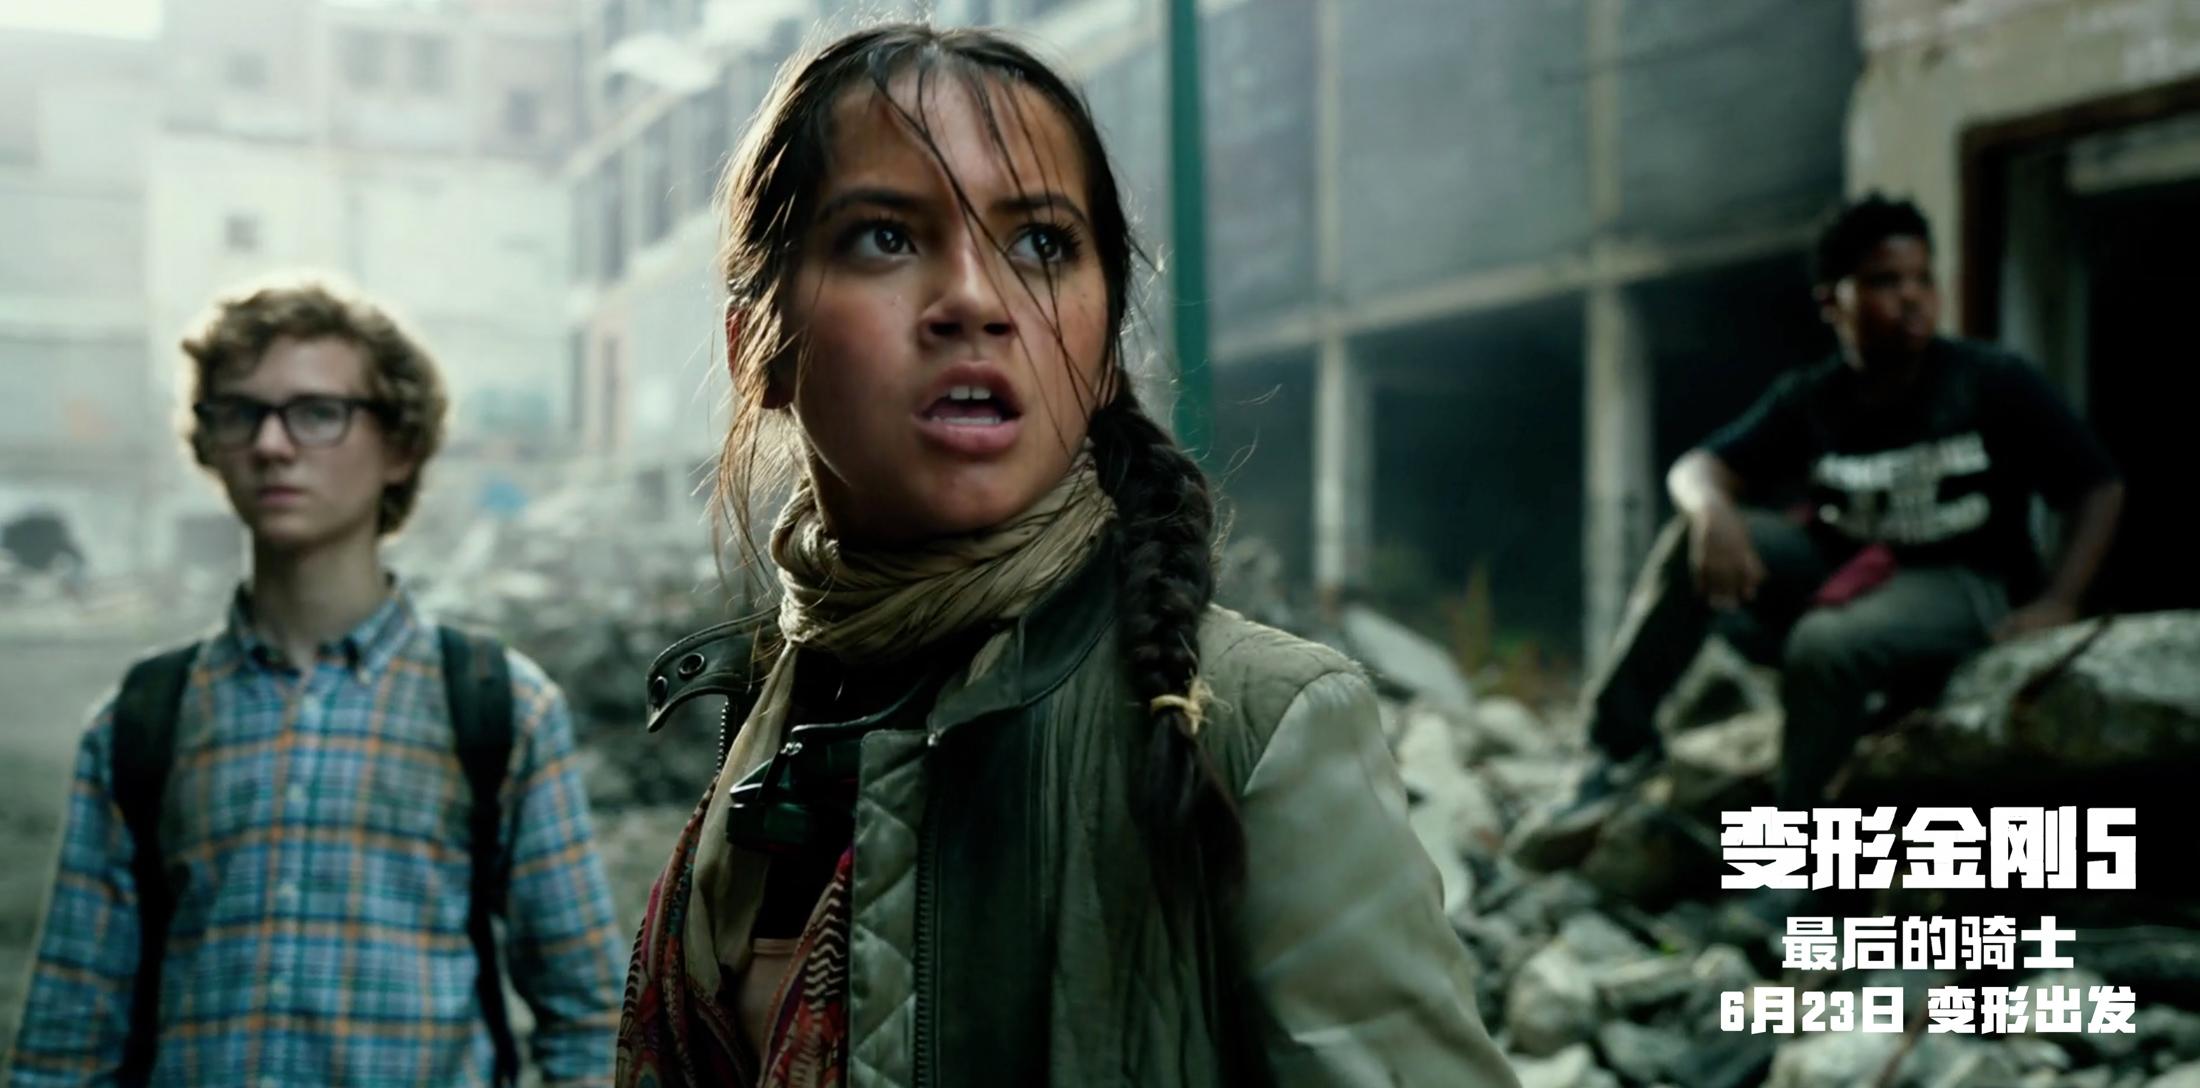 《变形金刚5》曝新预告战斗升级伊莎贝拉勇救伙伴